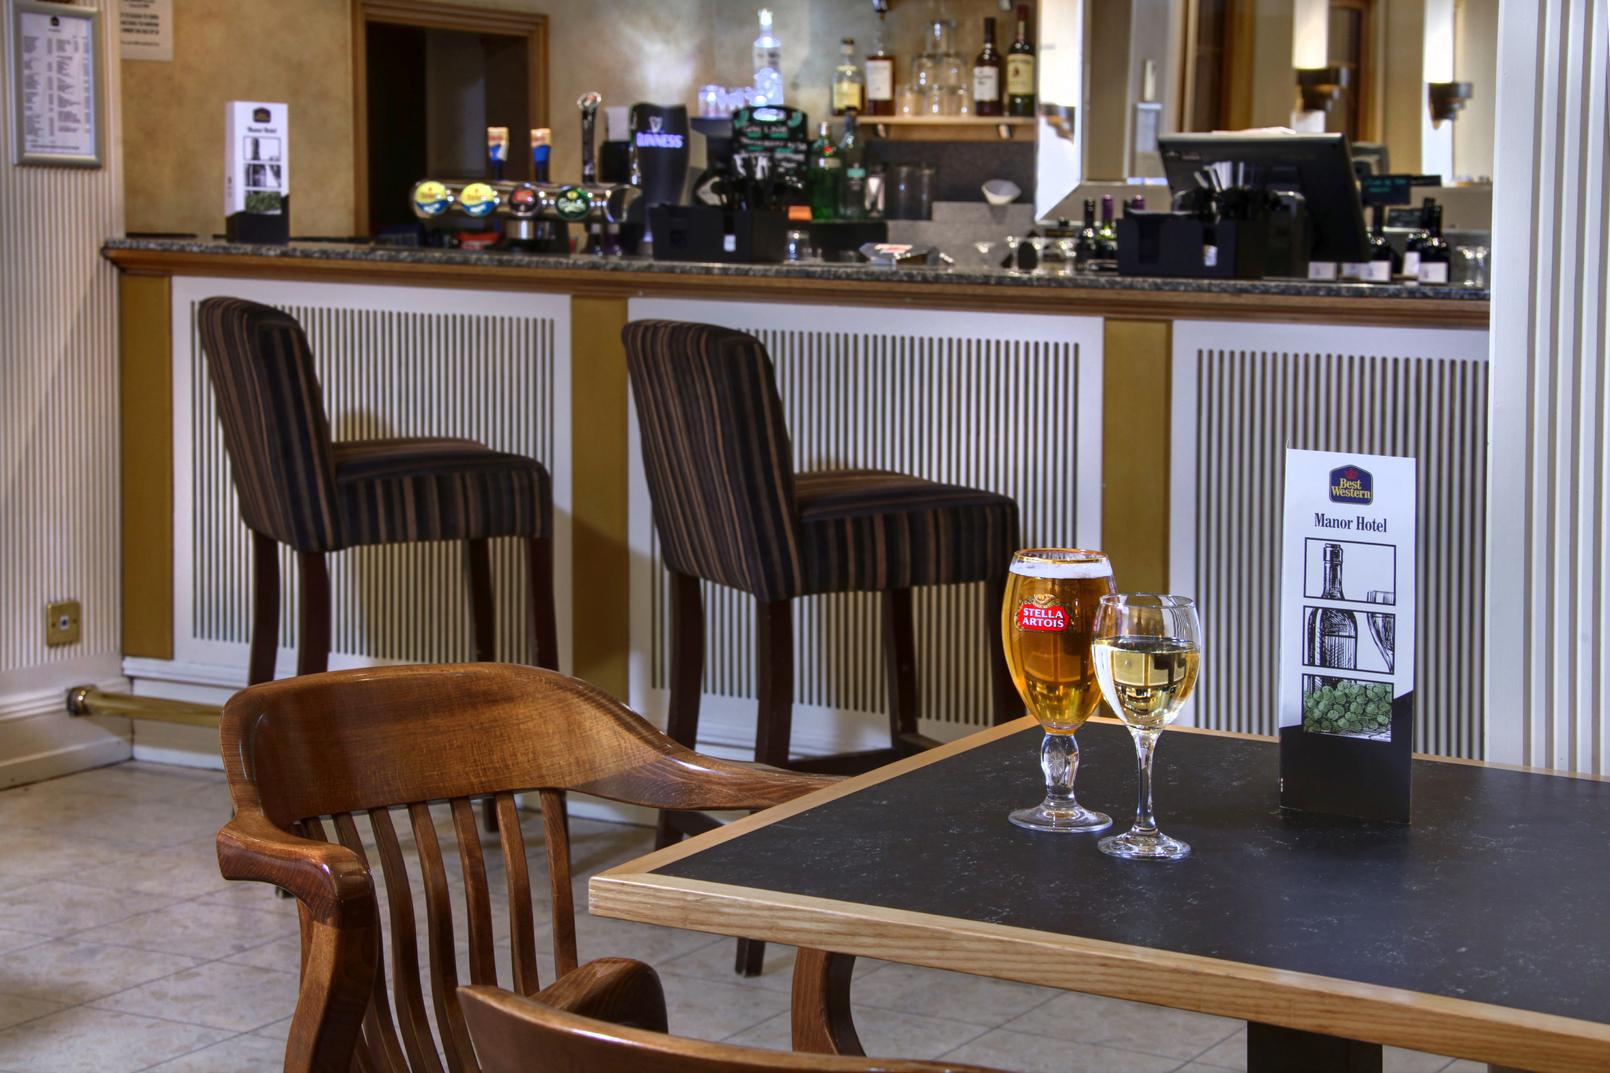 Best Western Manor Hotel Gravesend